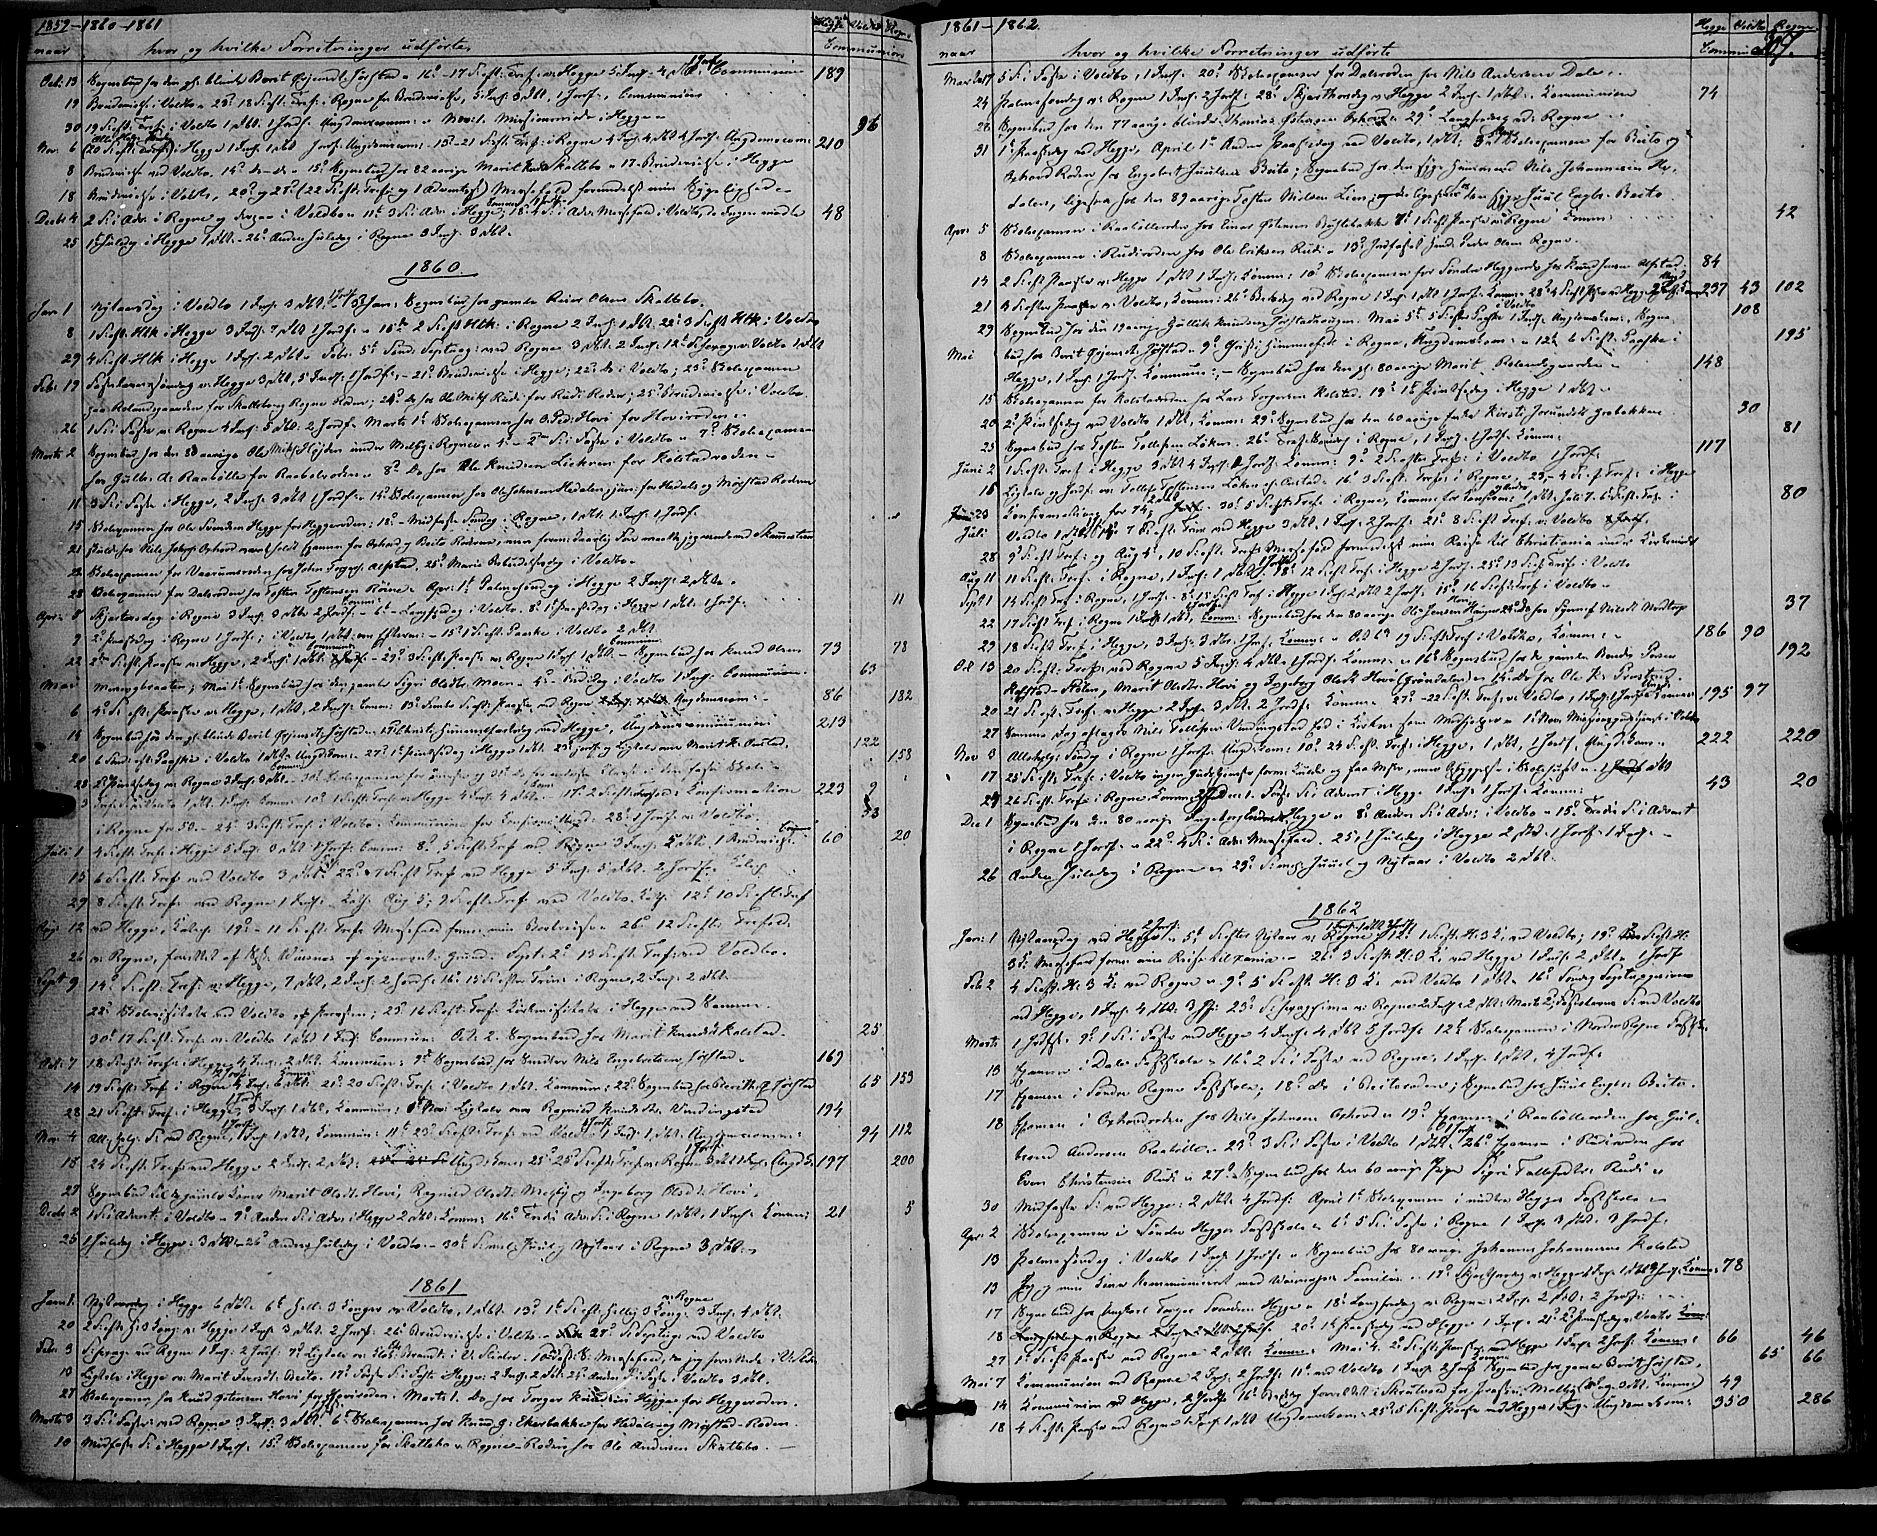 SAH, Øystre Slidre prestekontor, Ministerialbok nr. 1, 1849-1874, s. 306